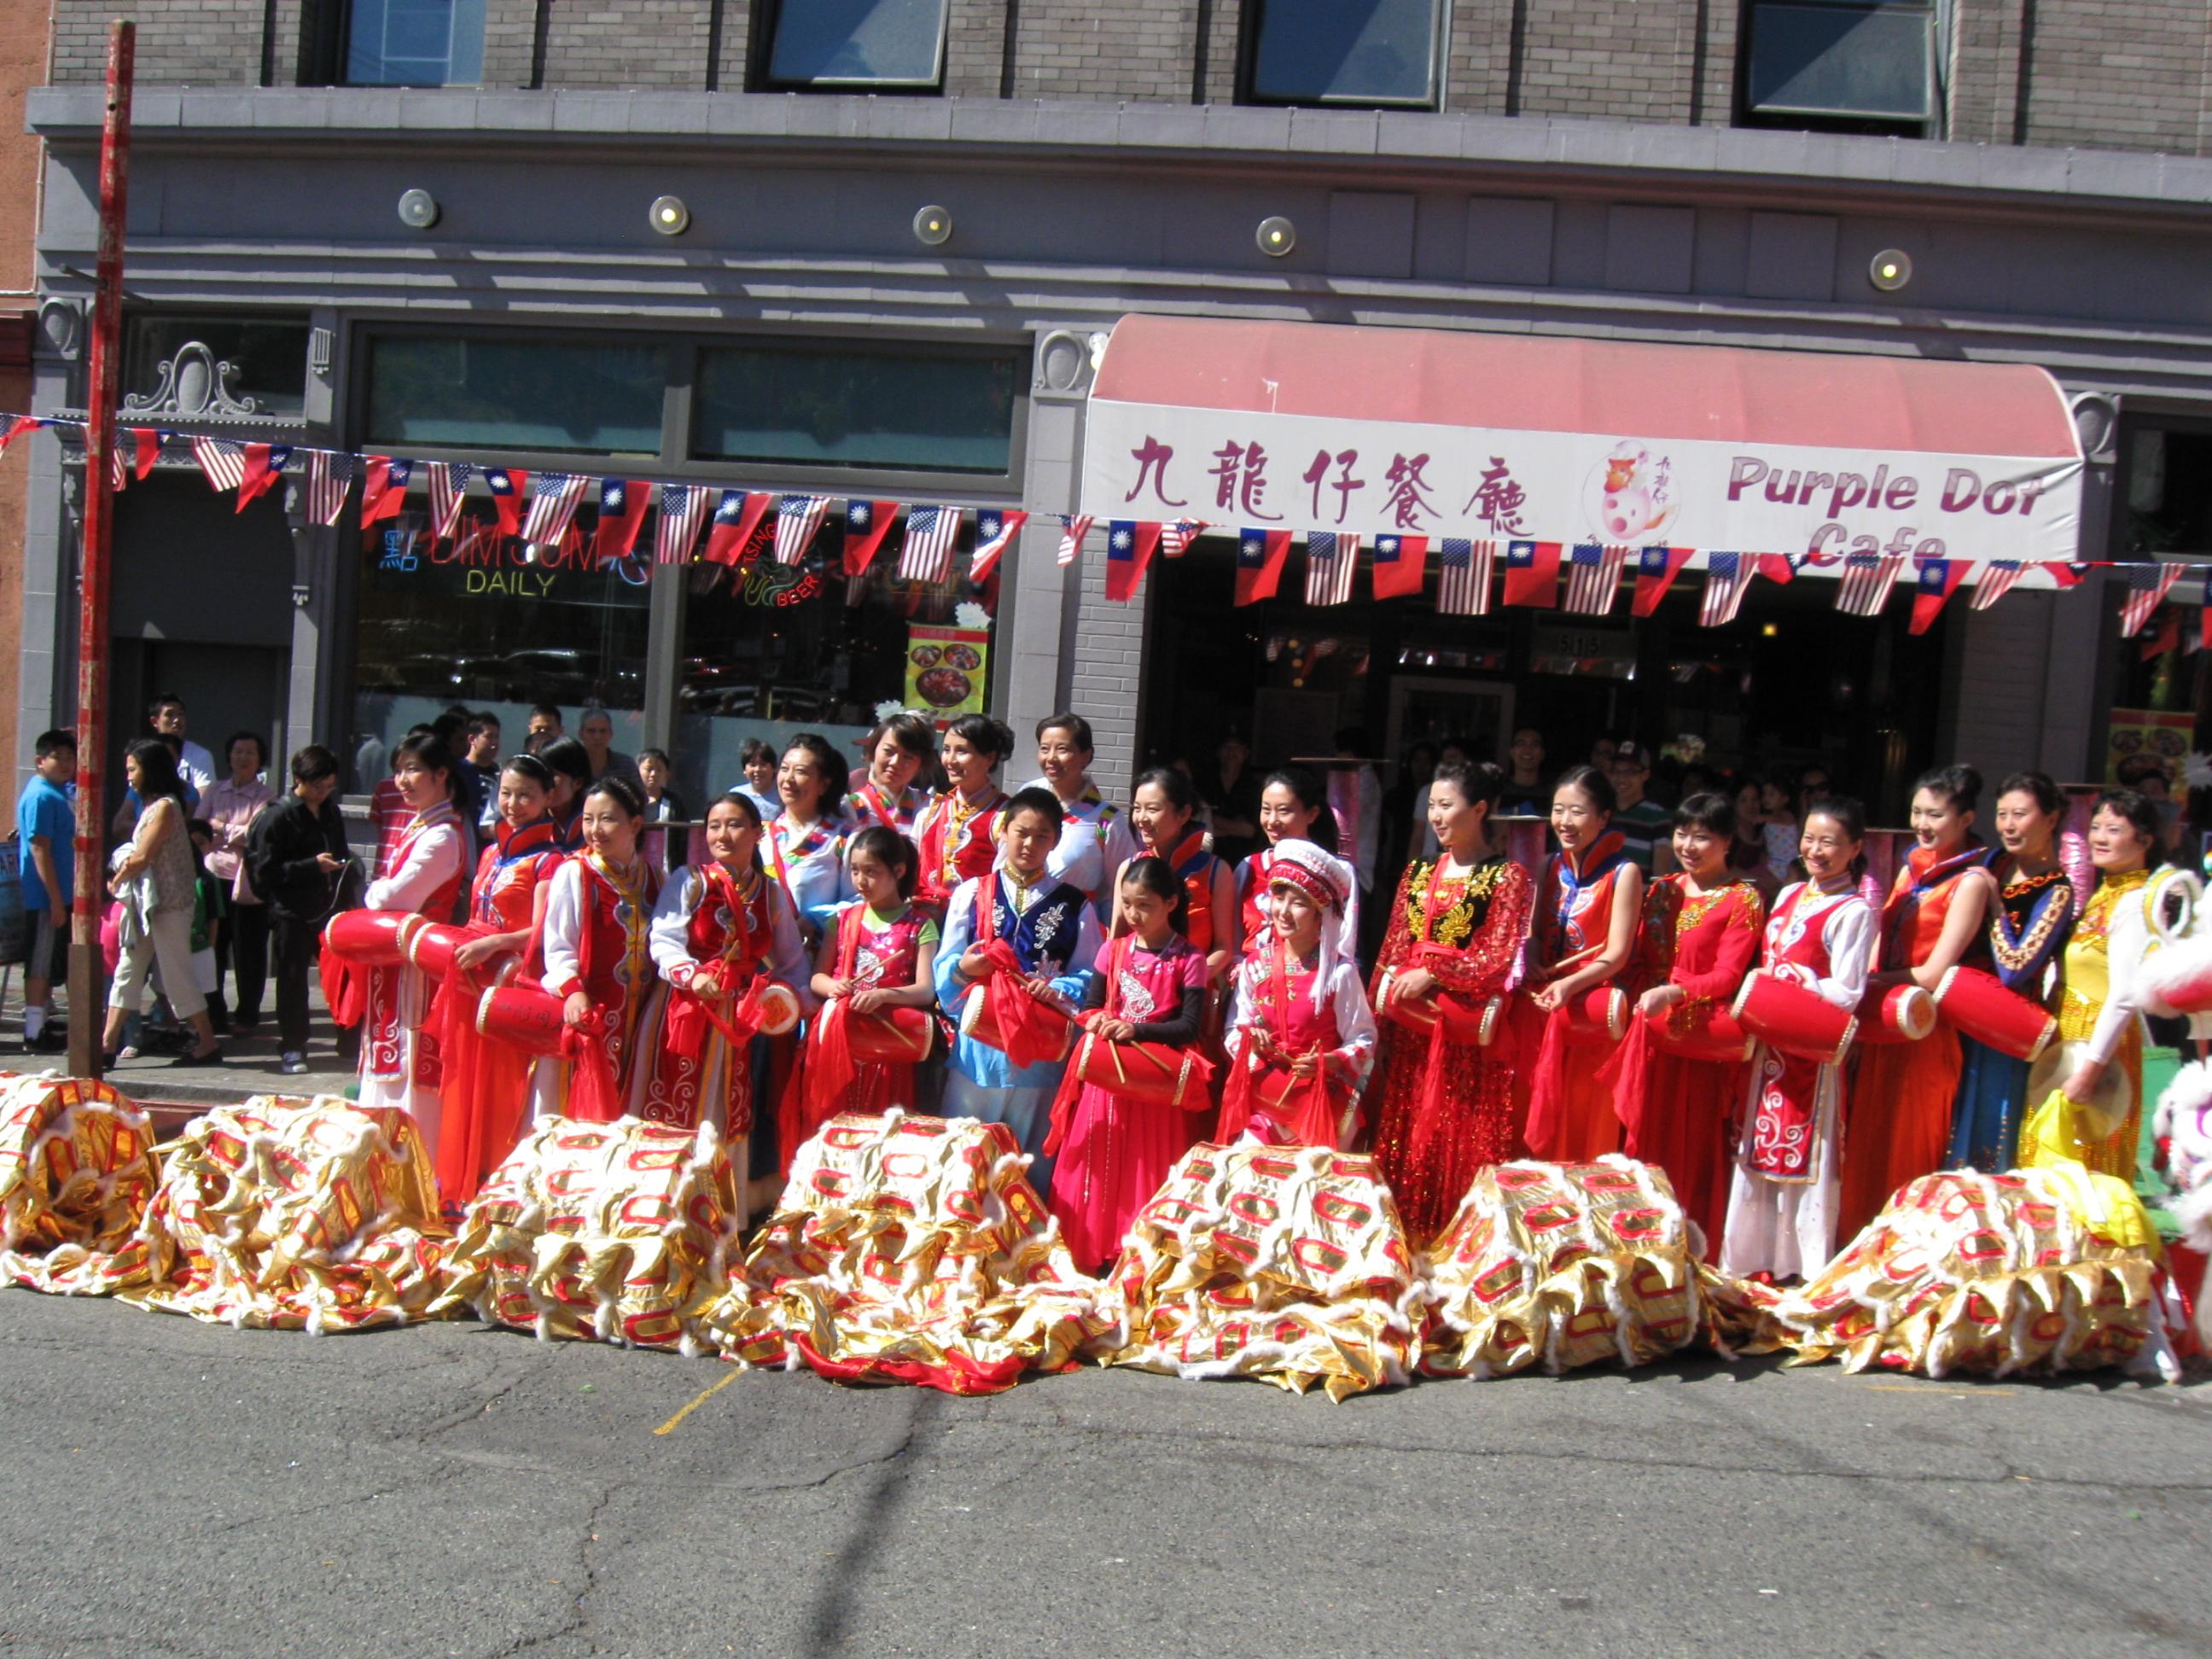 2012 Chinatown Seafair Parade Image 224